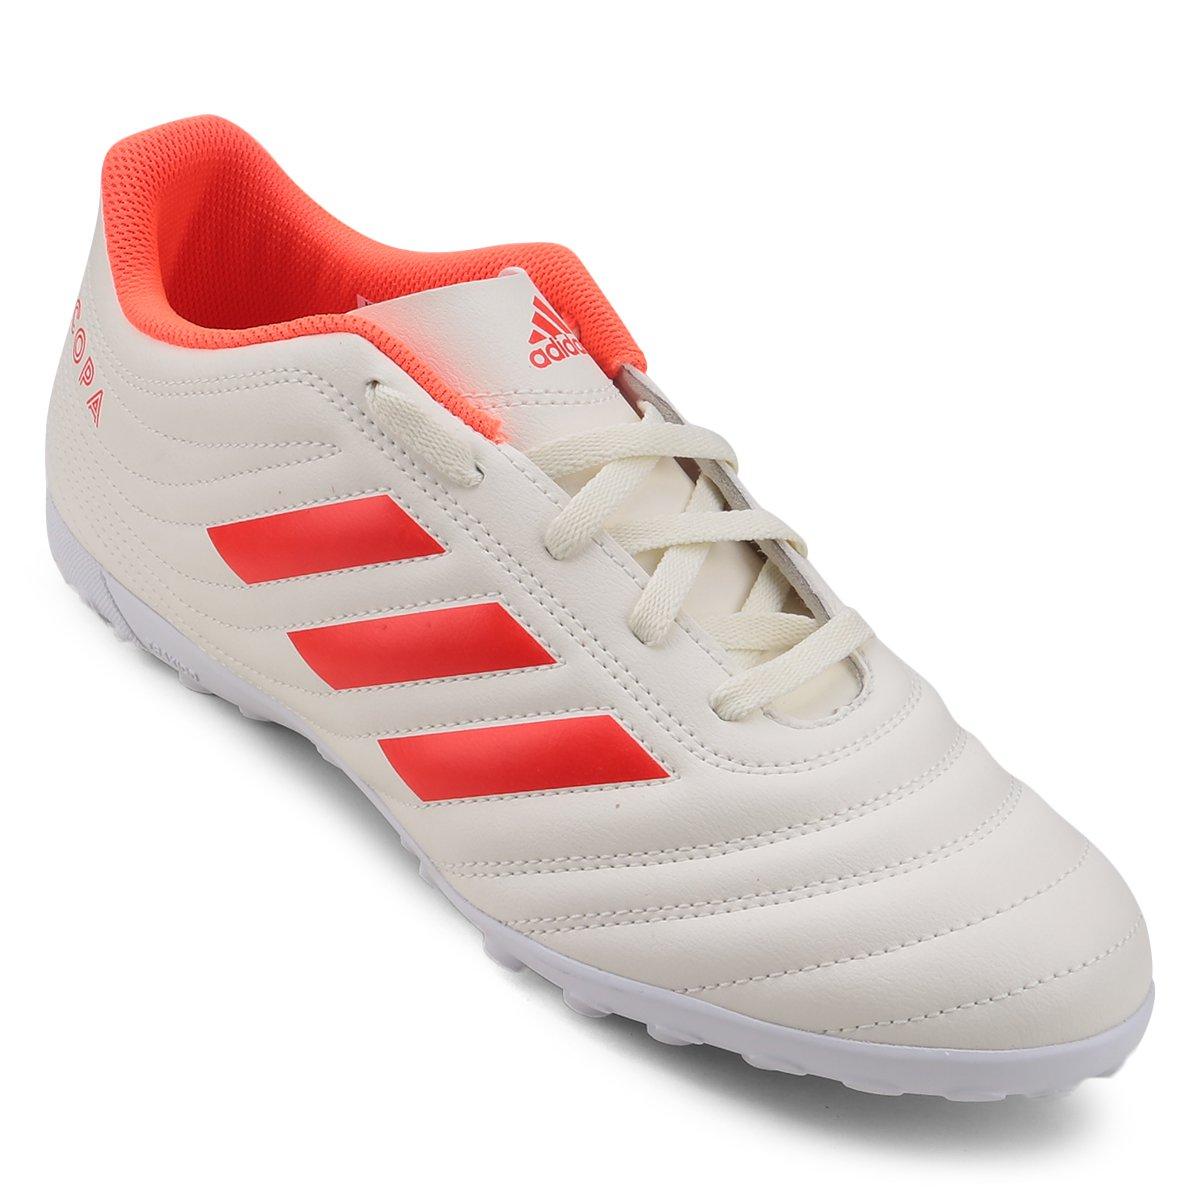 Chuteira Society Adidas Copa 19 4 TF - Branco e Vermelho - Compre ... 15c374692d261